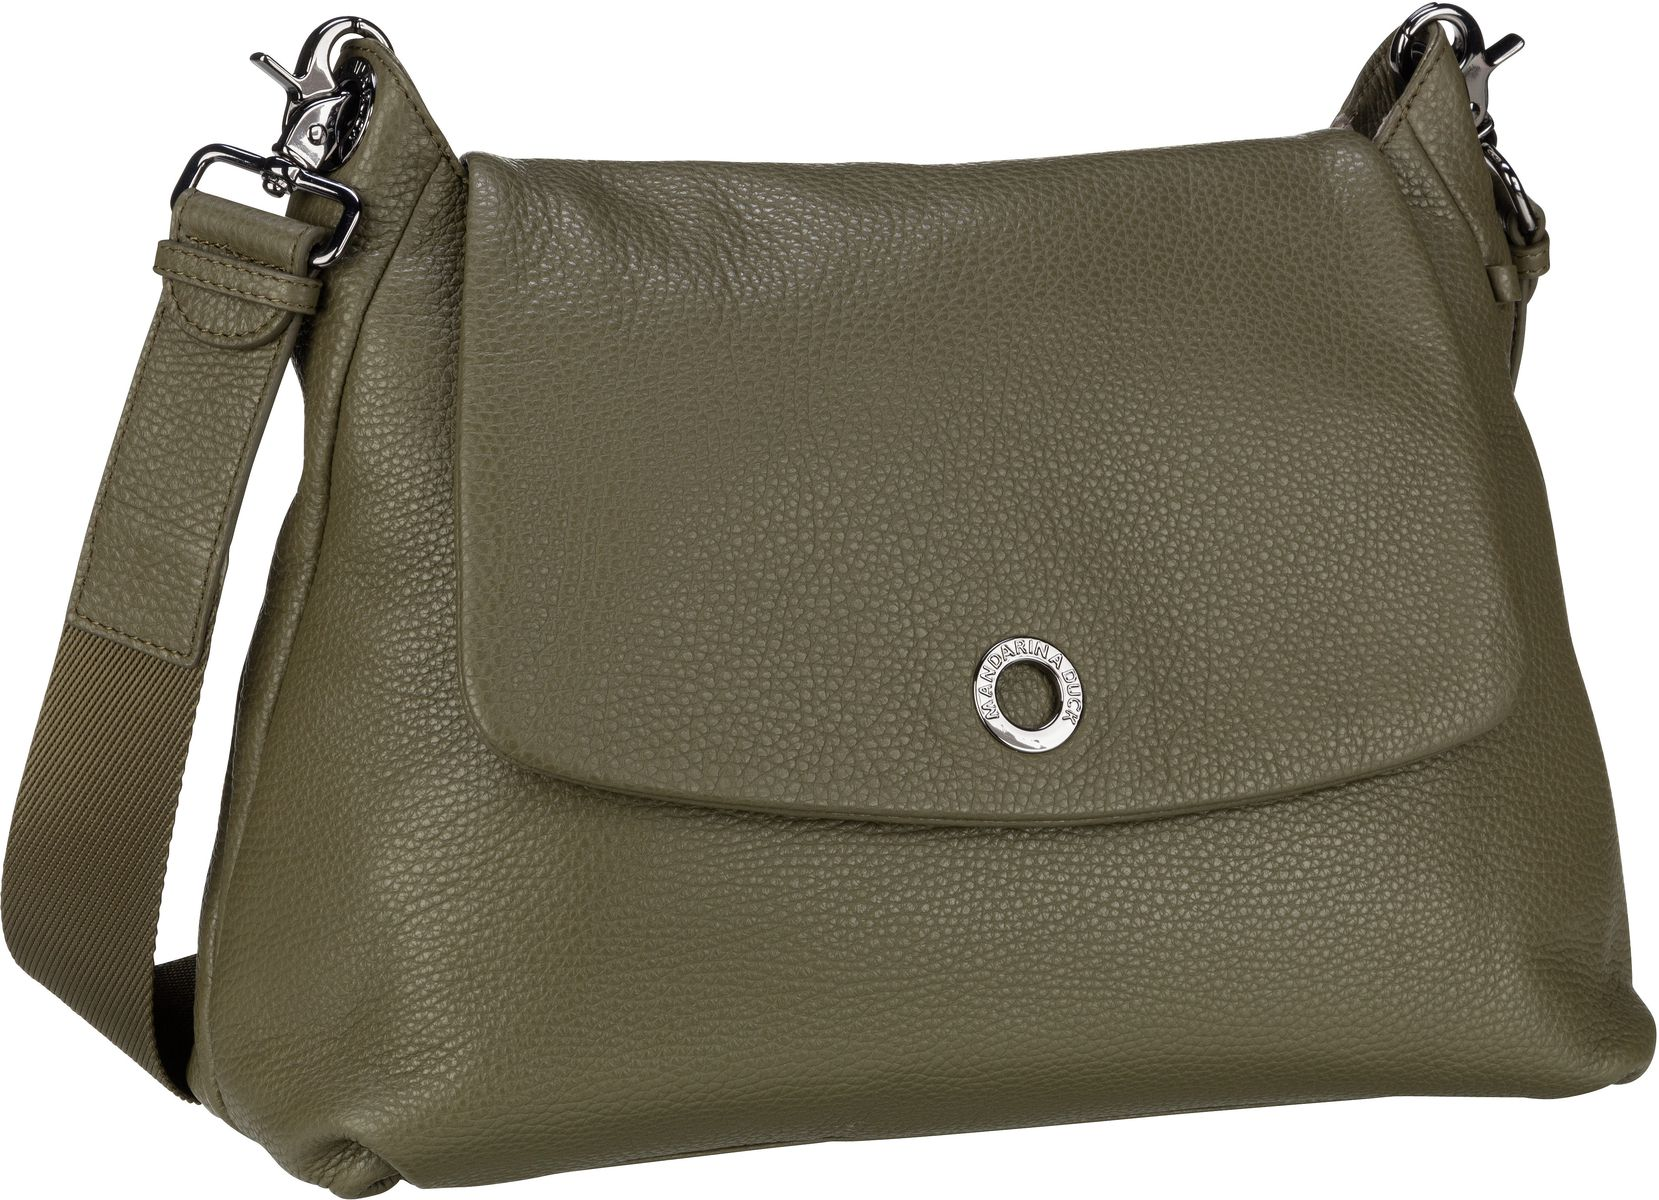 Umhängetasche Mellow Leather Shoulder Bag FZT30 Military Olive